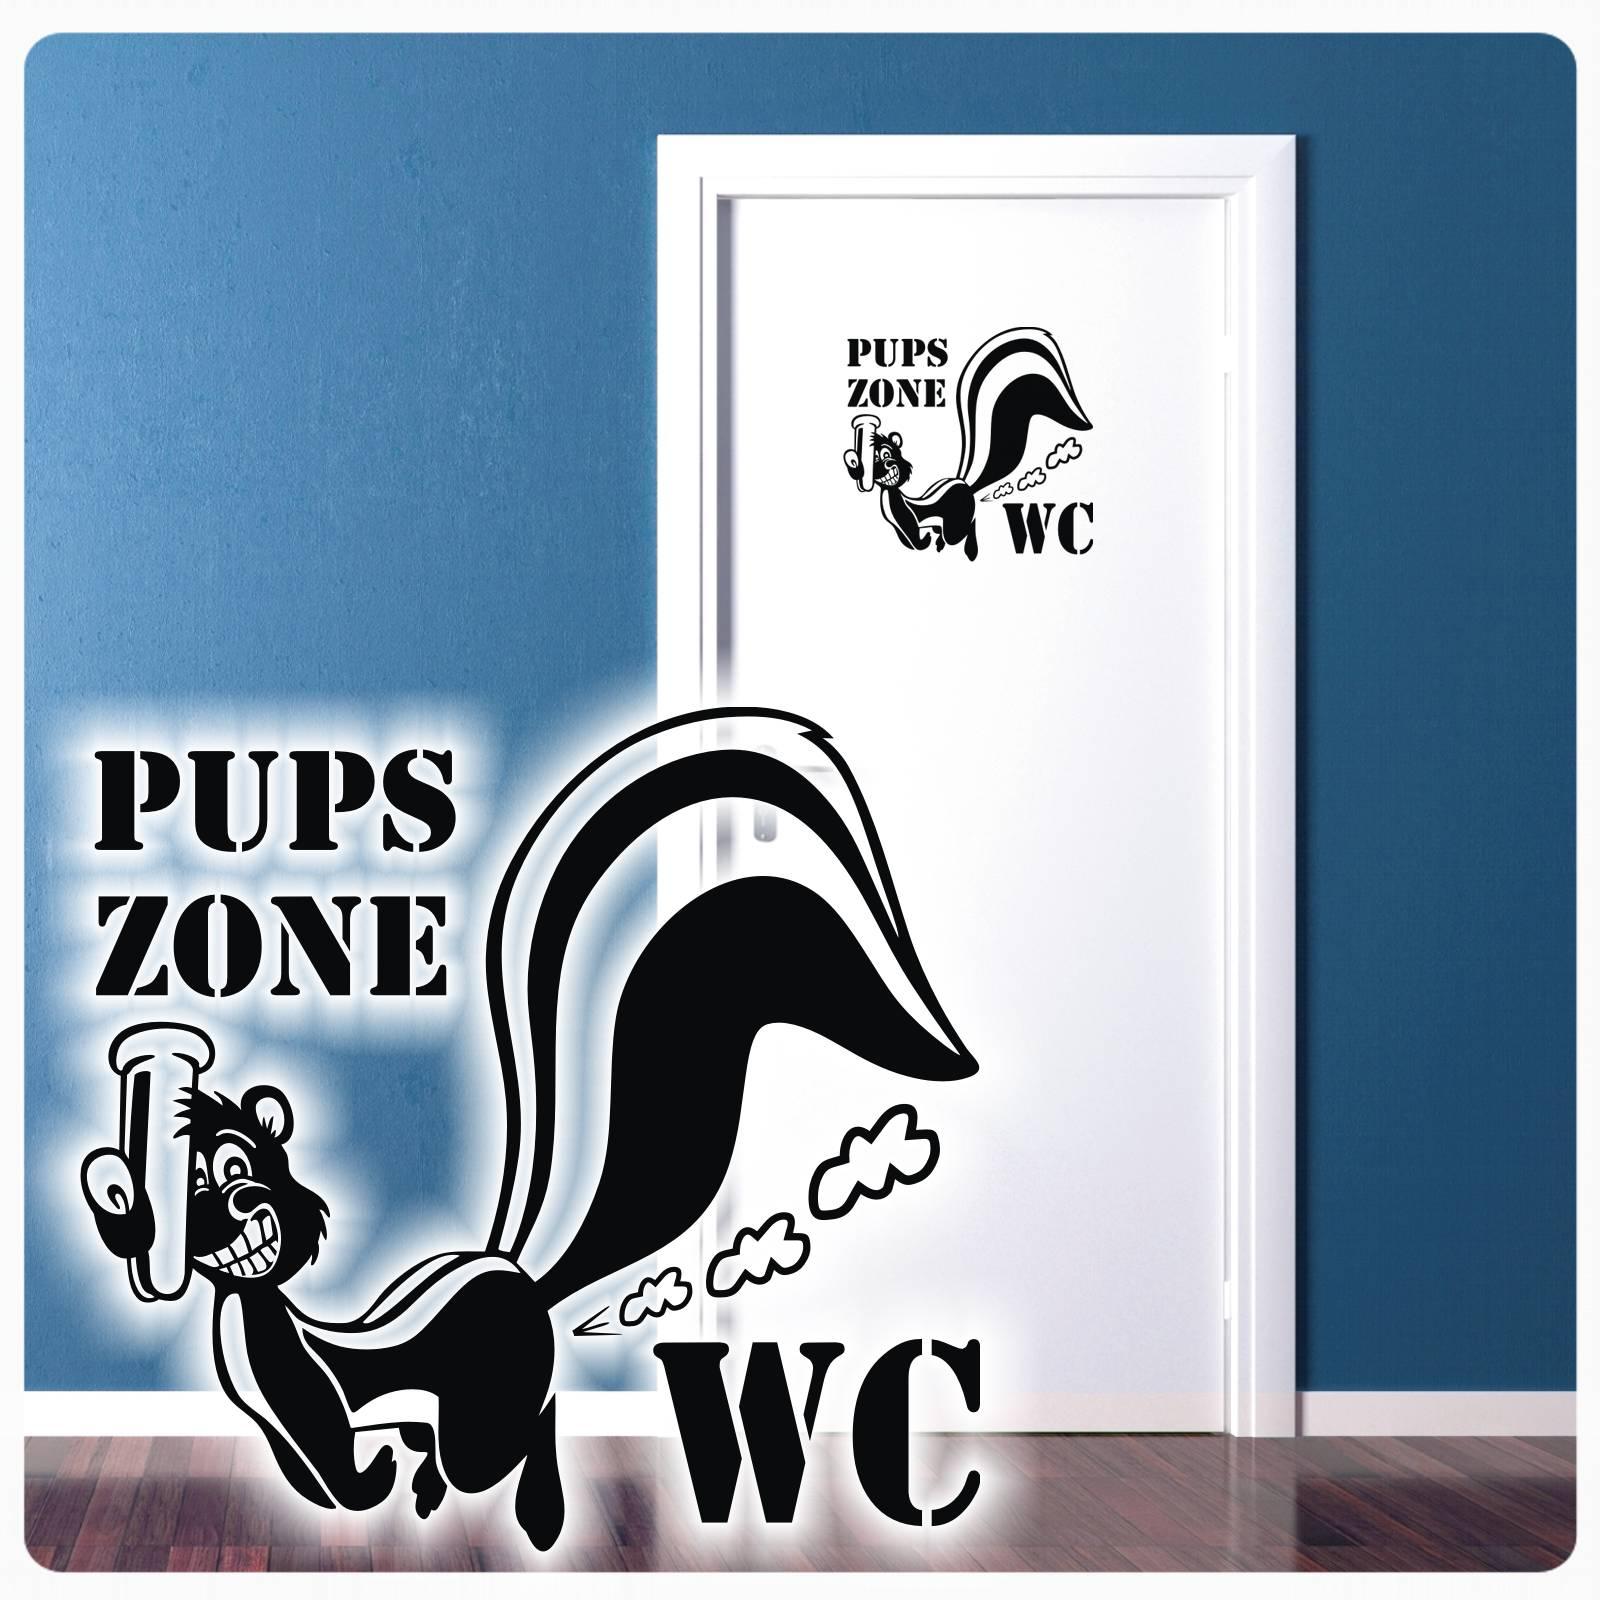 WC Aufkleber PupsZone Toilette Klo Klodeckel Toilettendeckel 20 x 19 cm schwarz